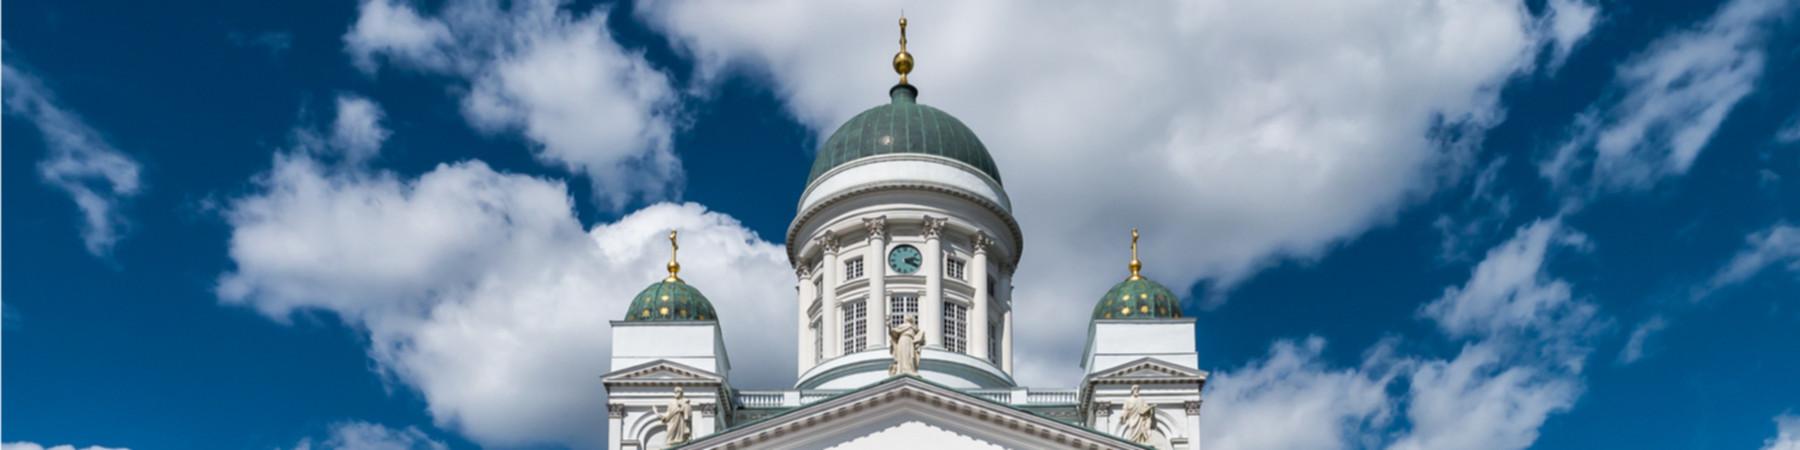 Helsinki banner.jpg